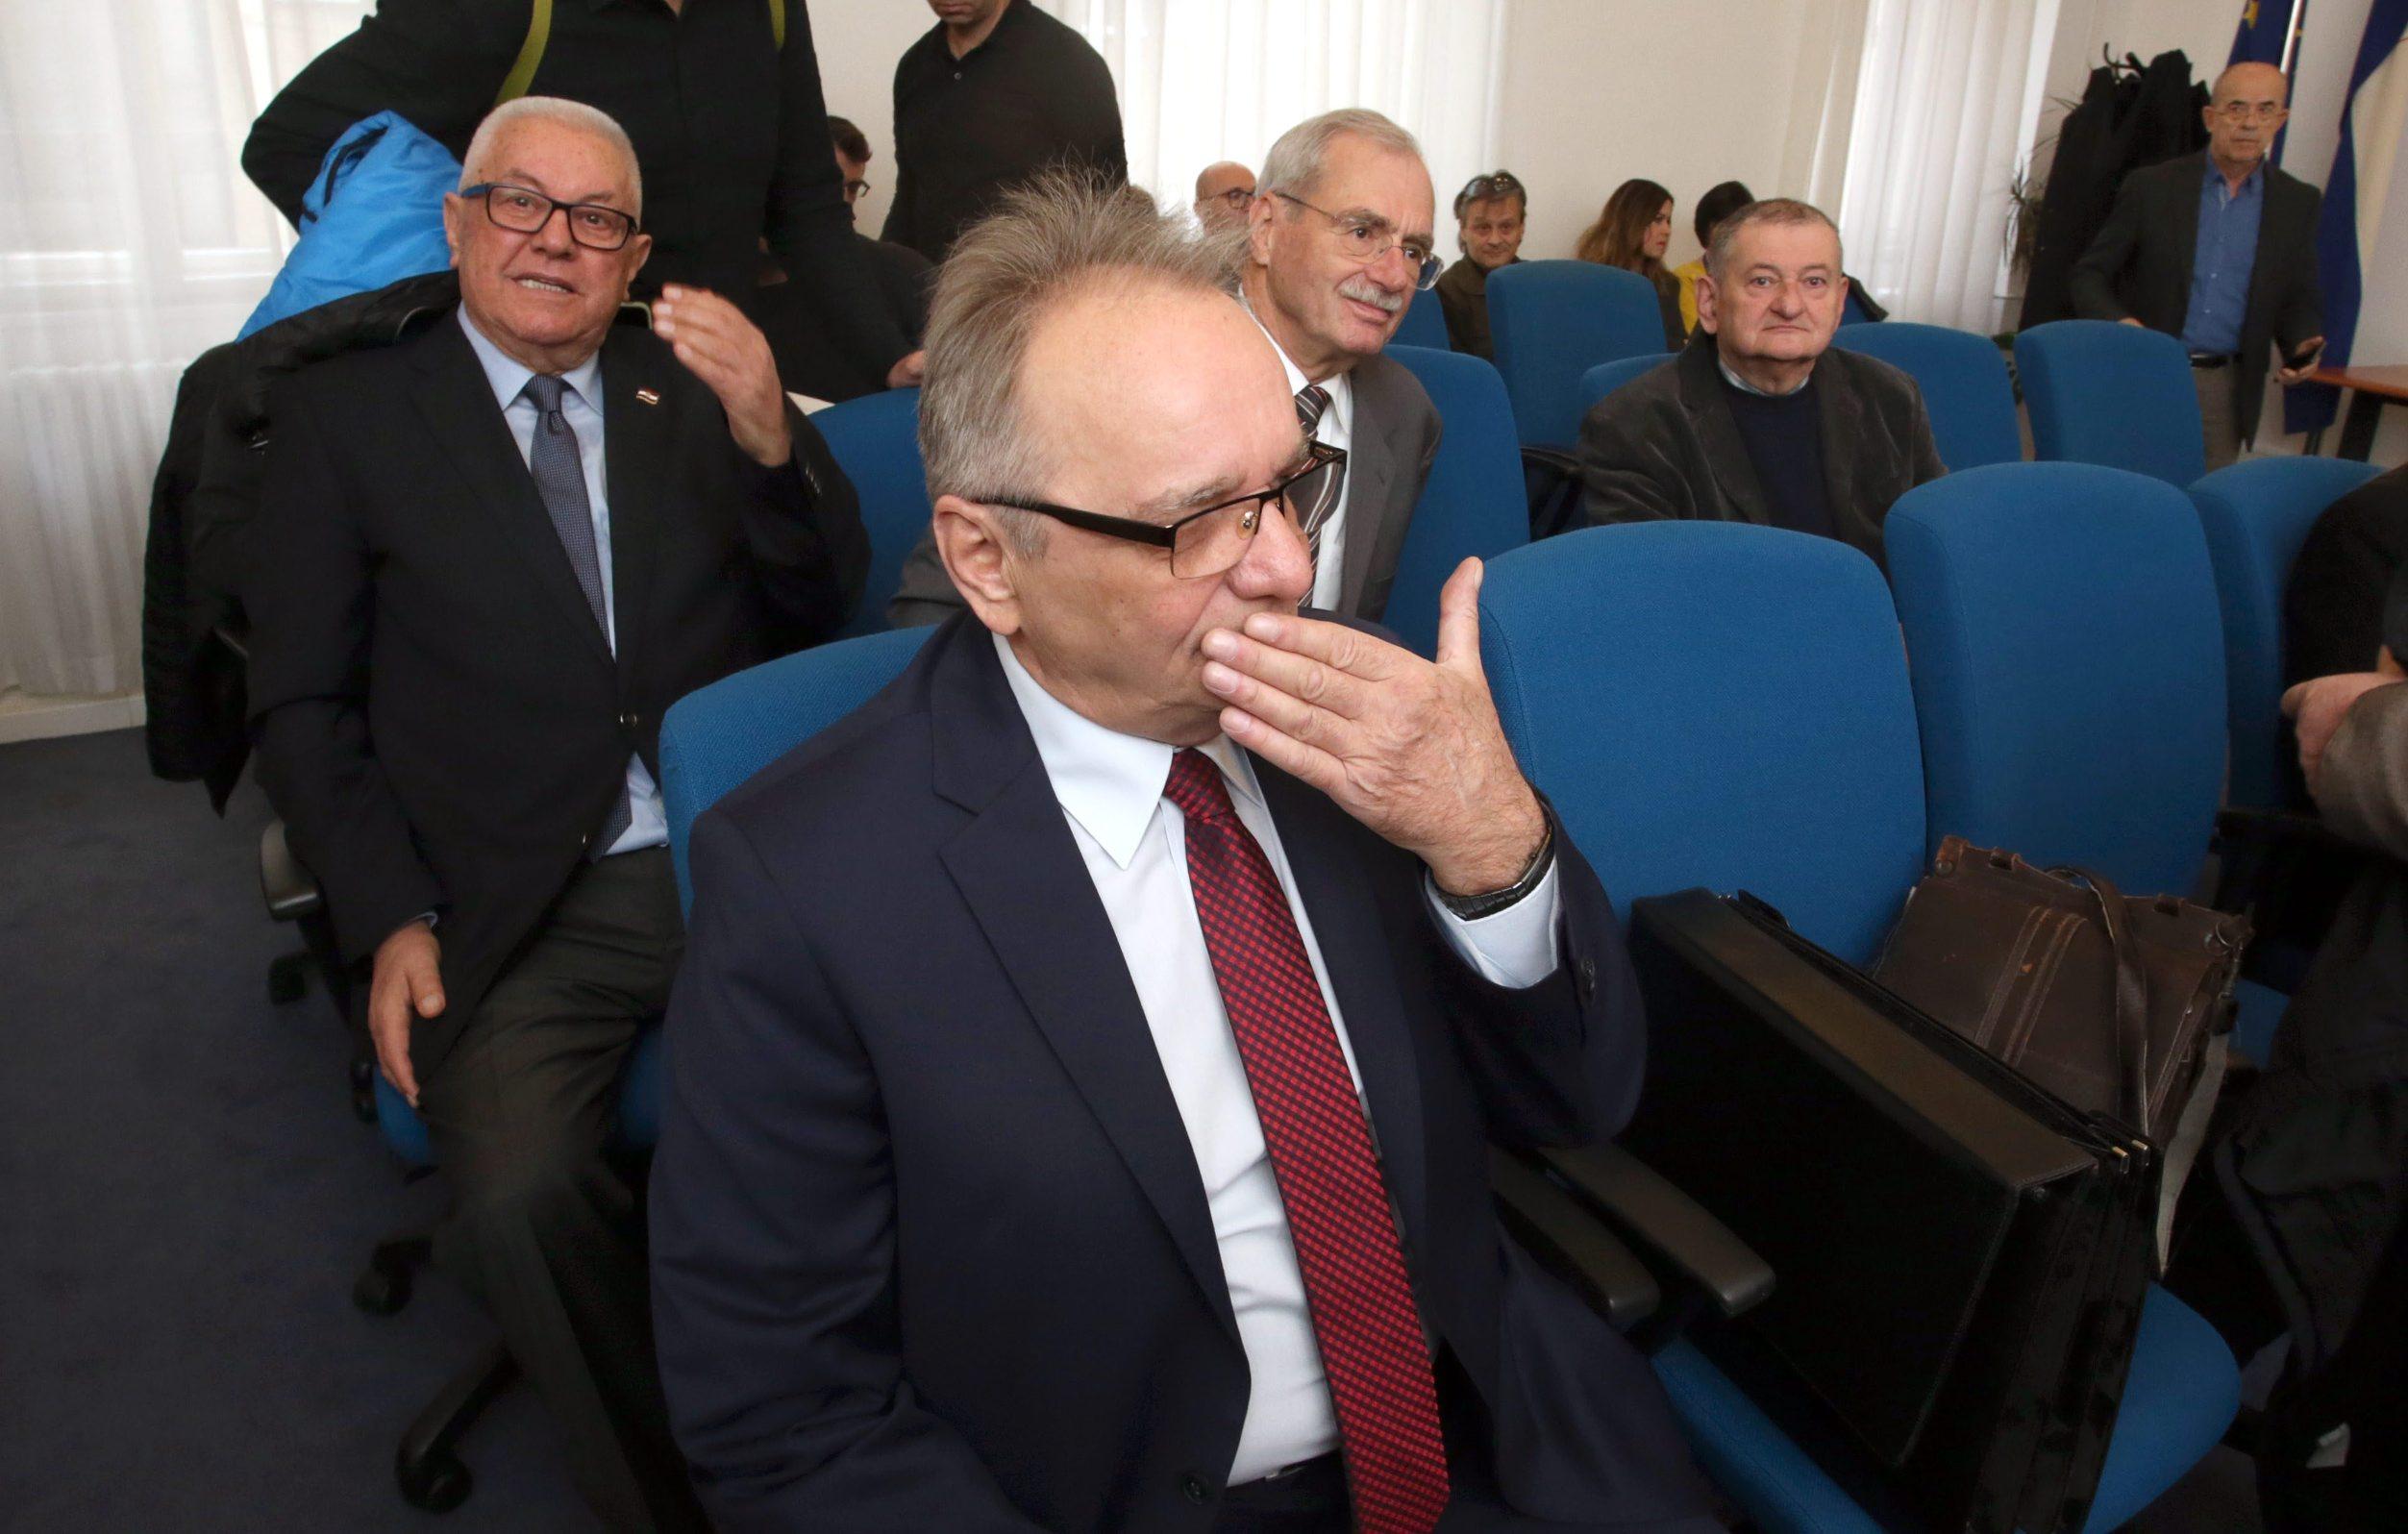 Svjedoci na suđenju danas su bili Luka Bebić, Andrija Hebrang i Krunislav Olujić (u drugom redu iza Glavaša)